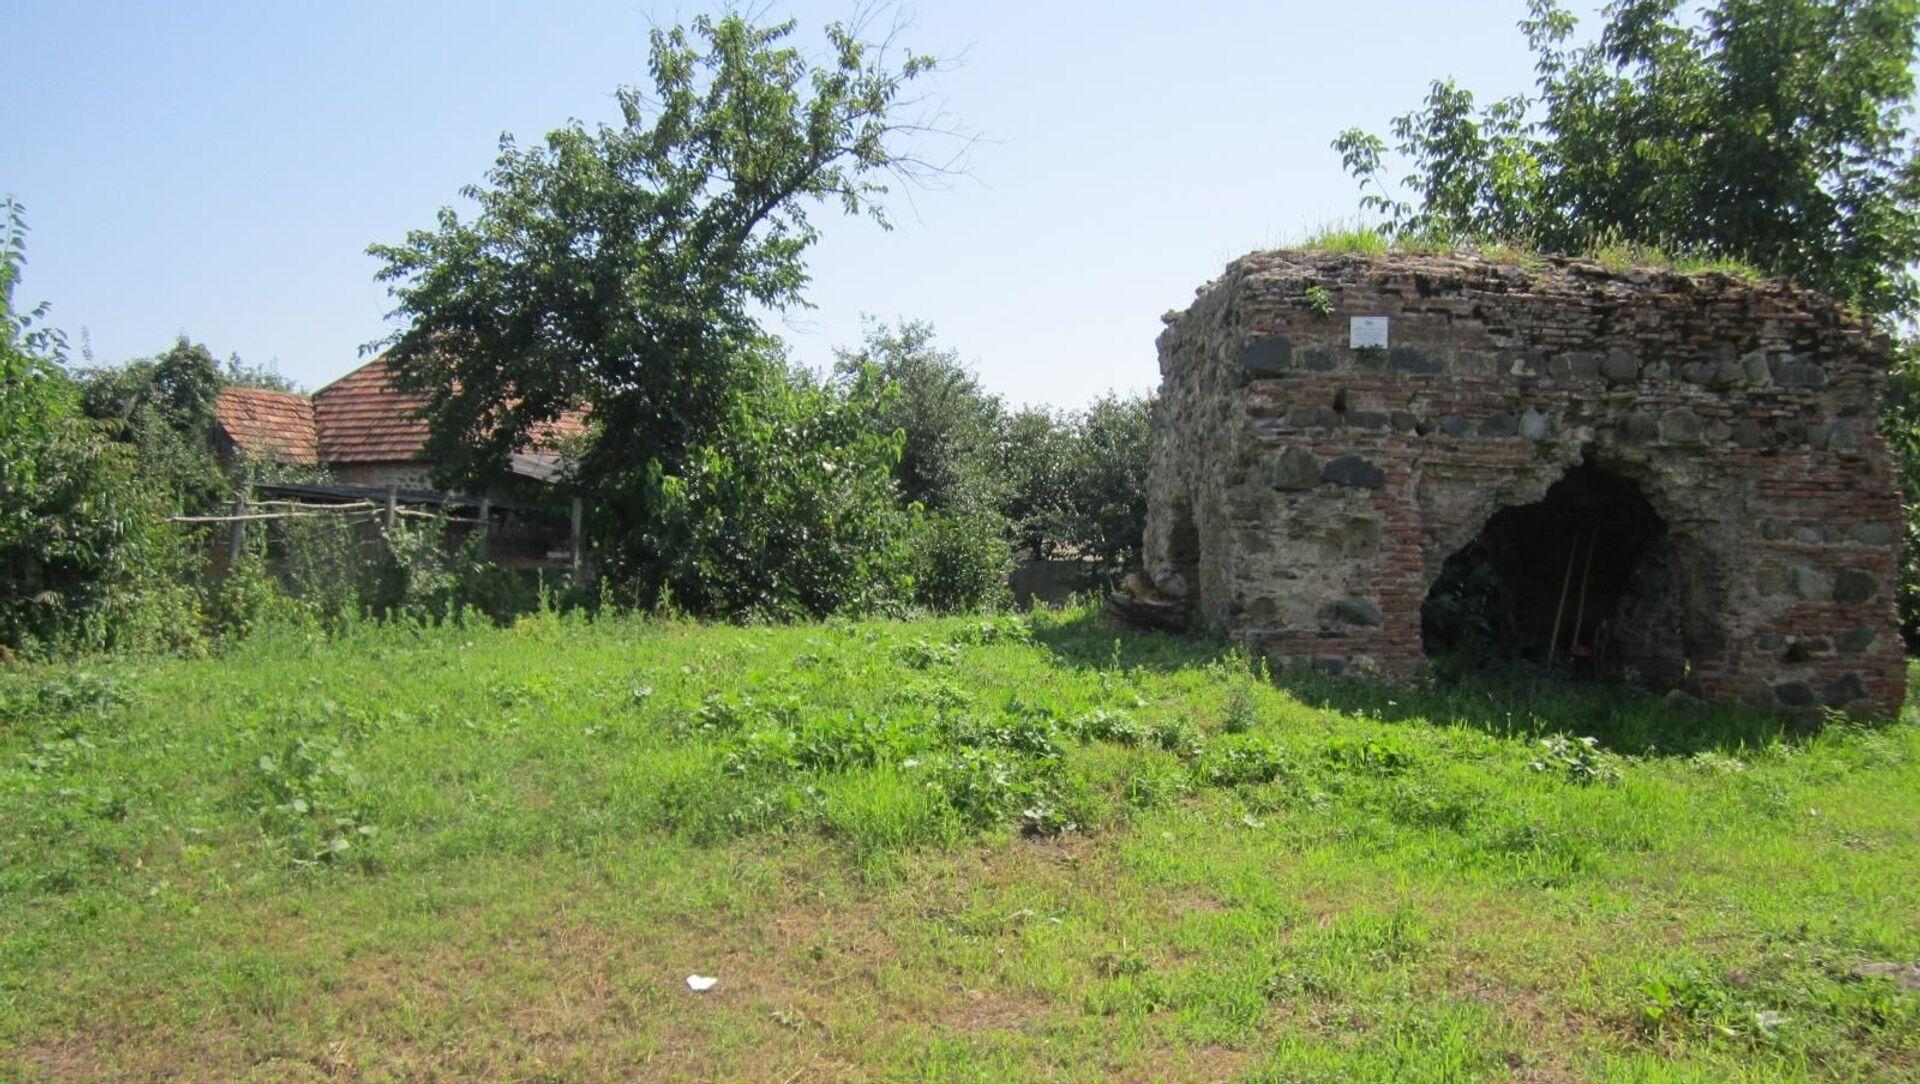 Qafqaz Albaniyasına aid abidədə arxeoloji tədqiqat - Sputnik Azərbaycan, 1920, 24.09.2021